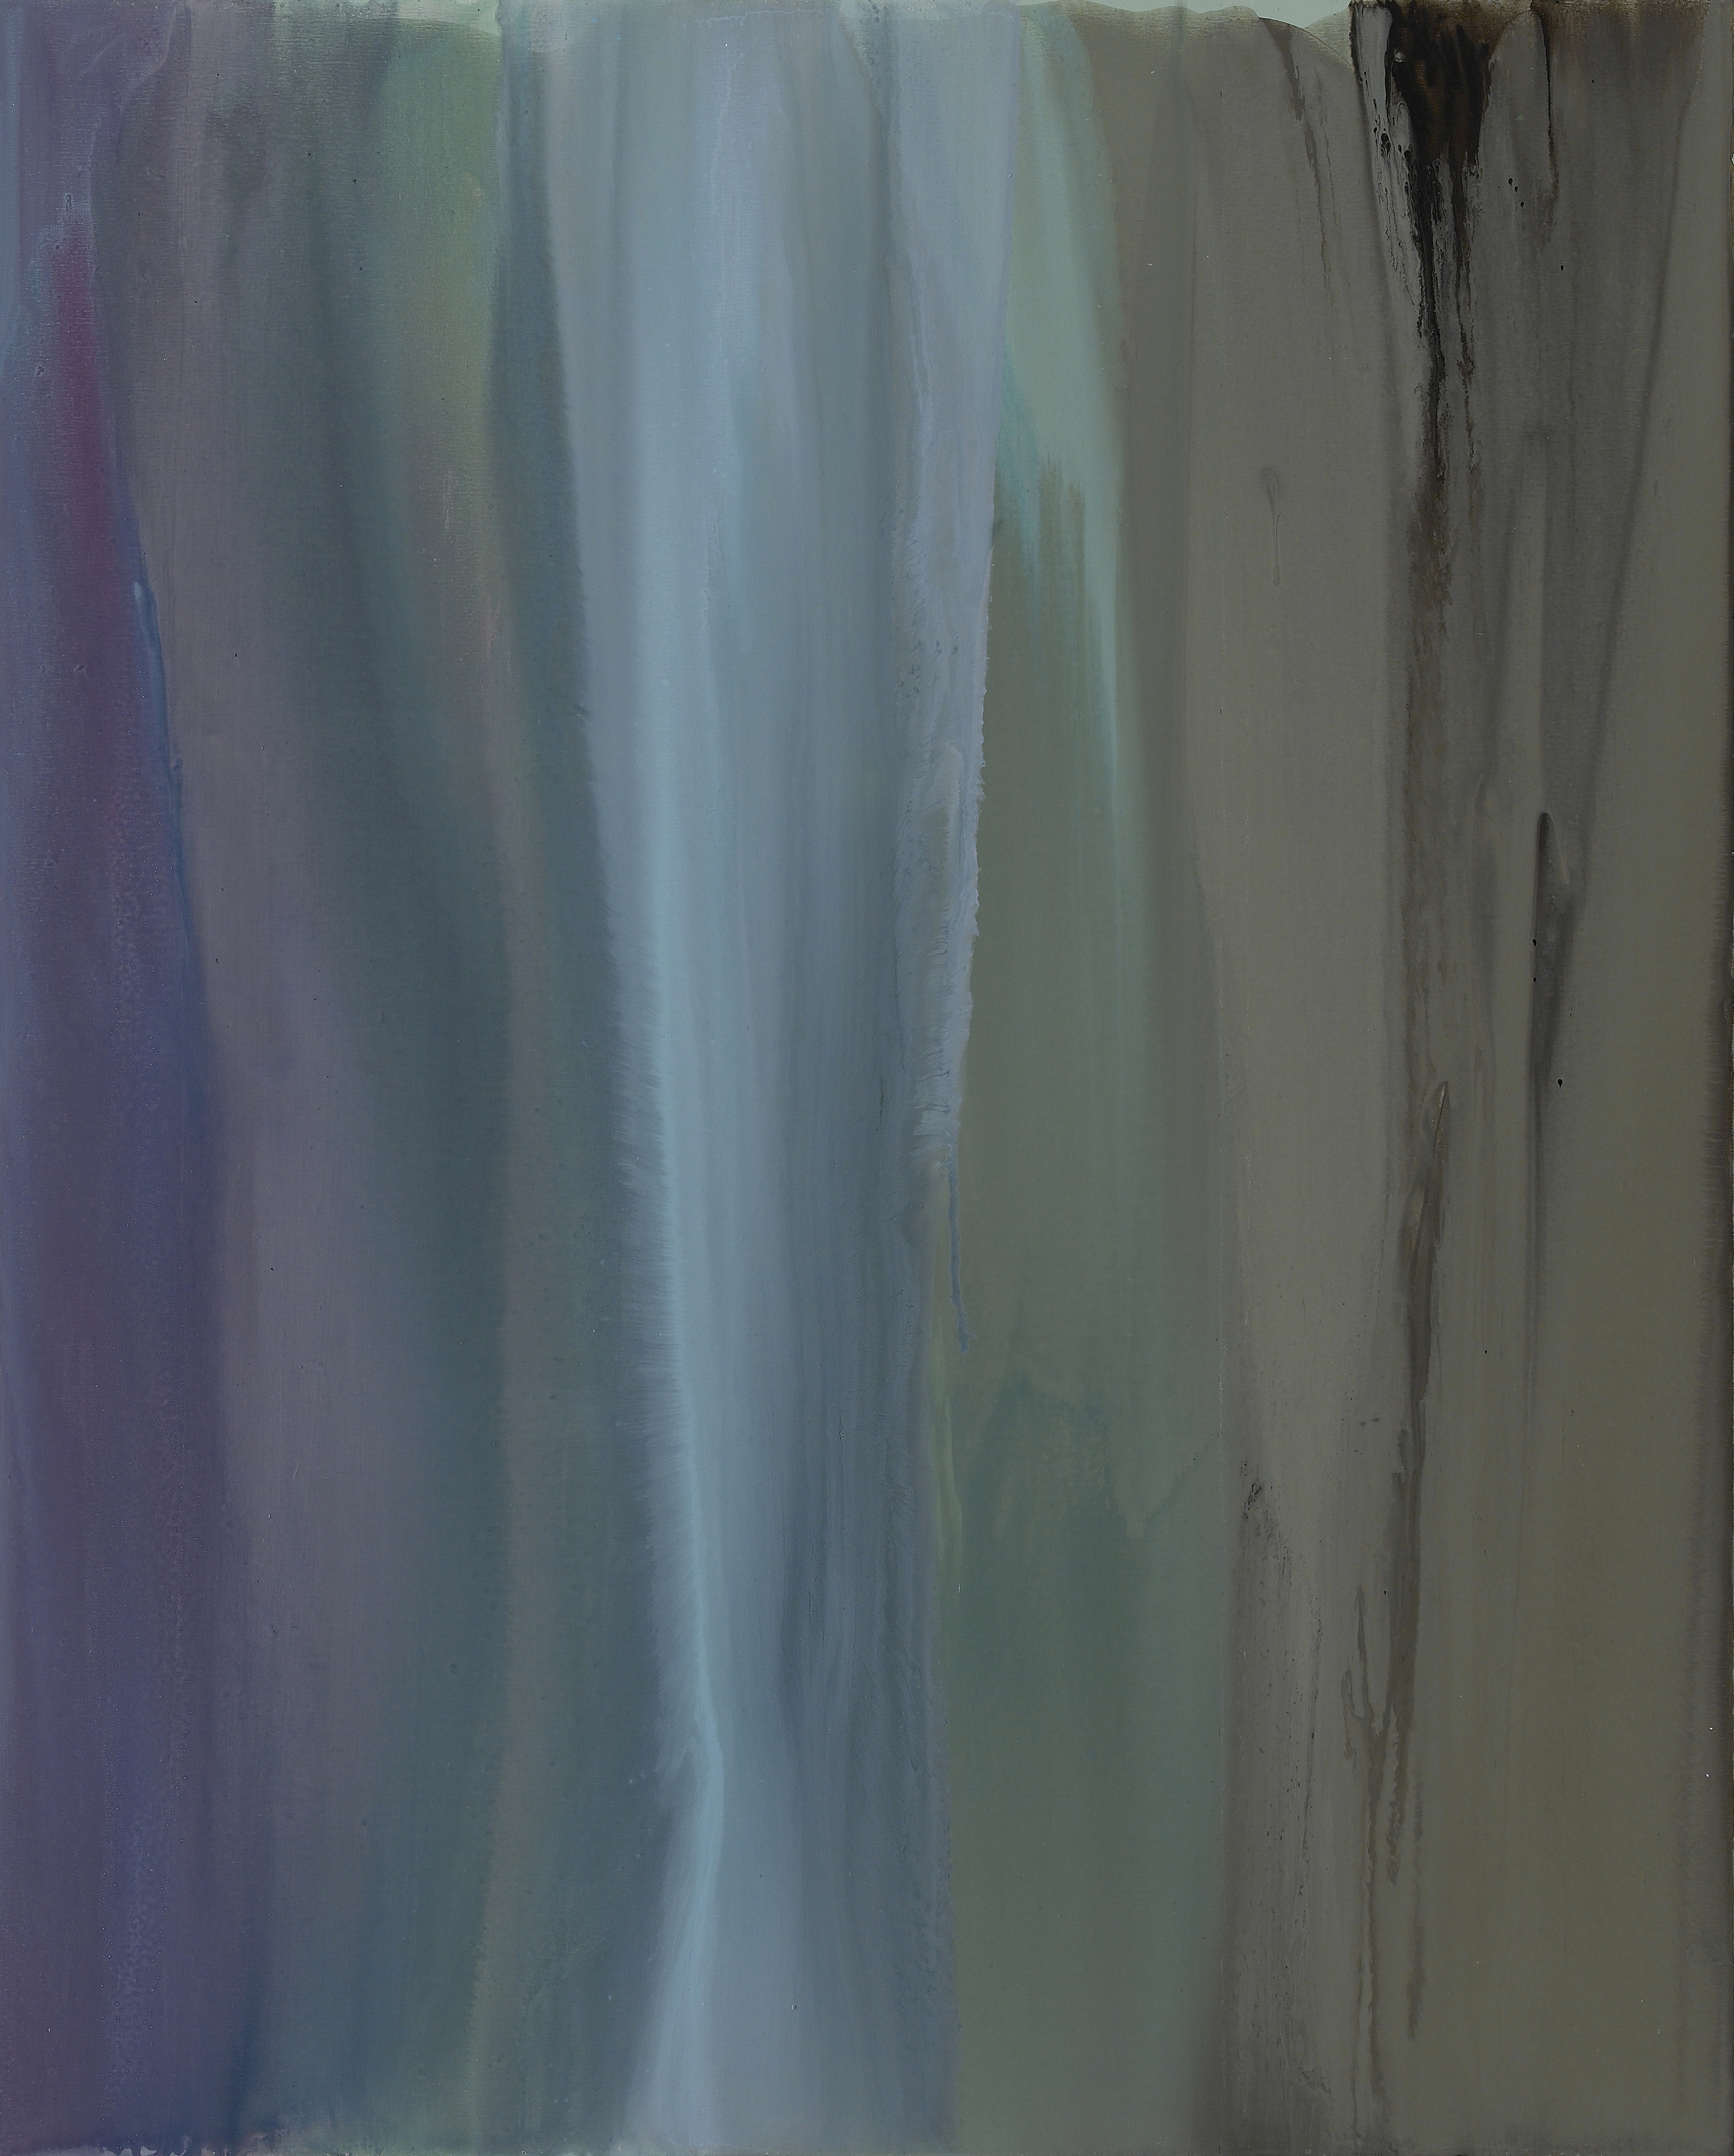 fall_10  acrylic on canvas  130 cm X 162 cm  2013